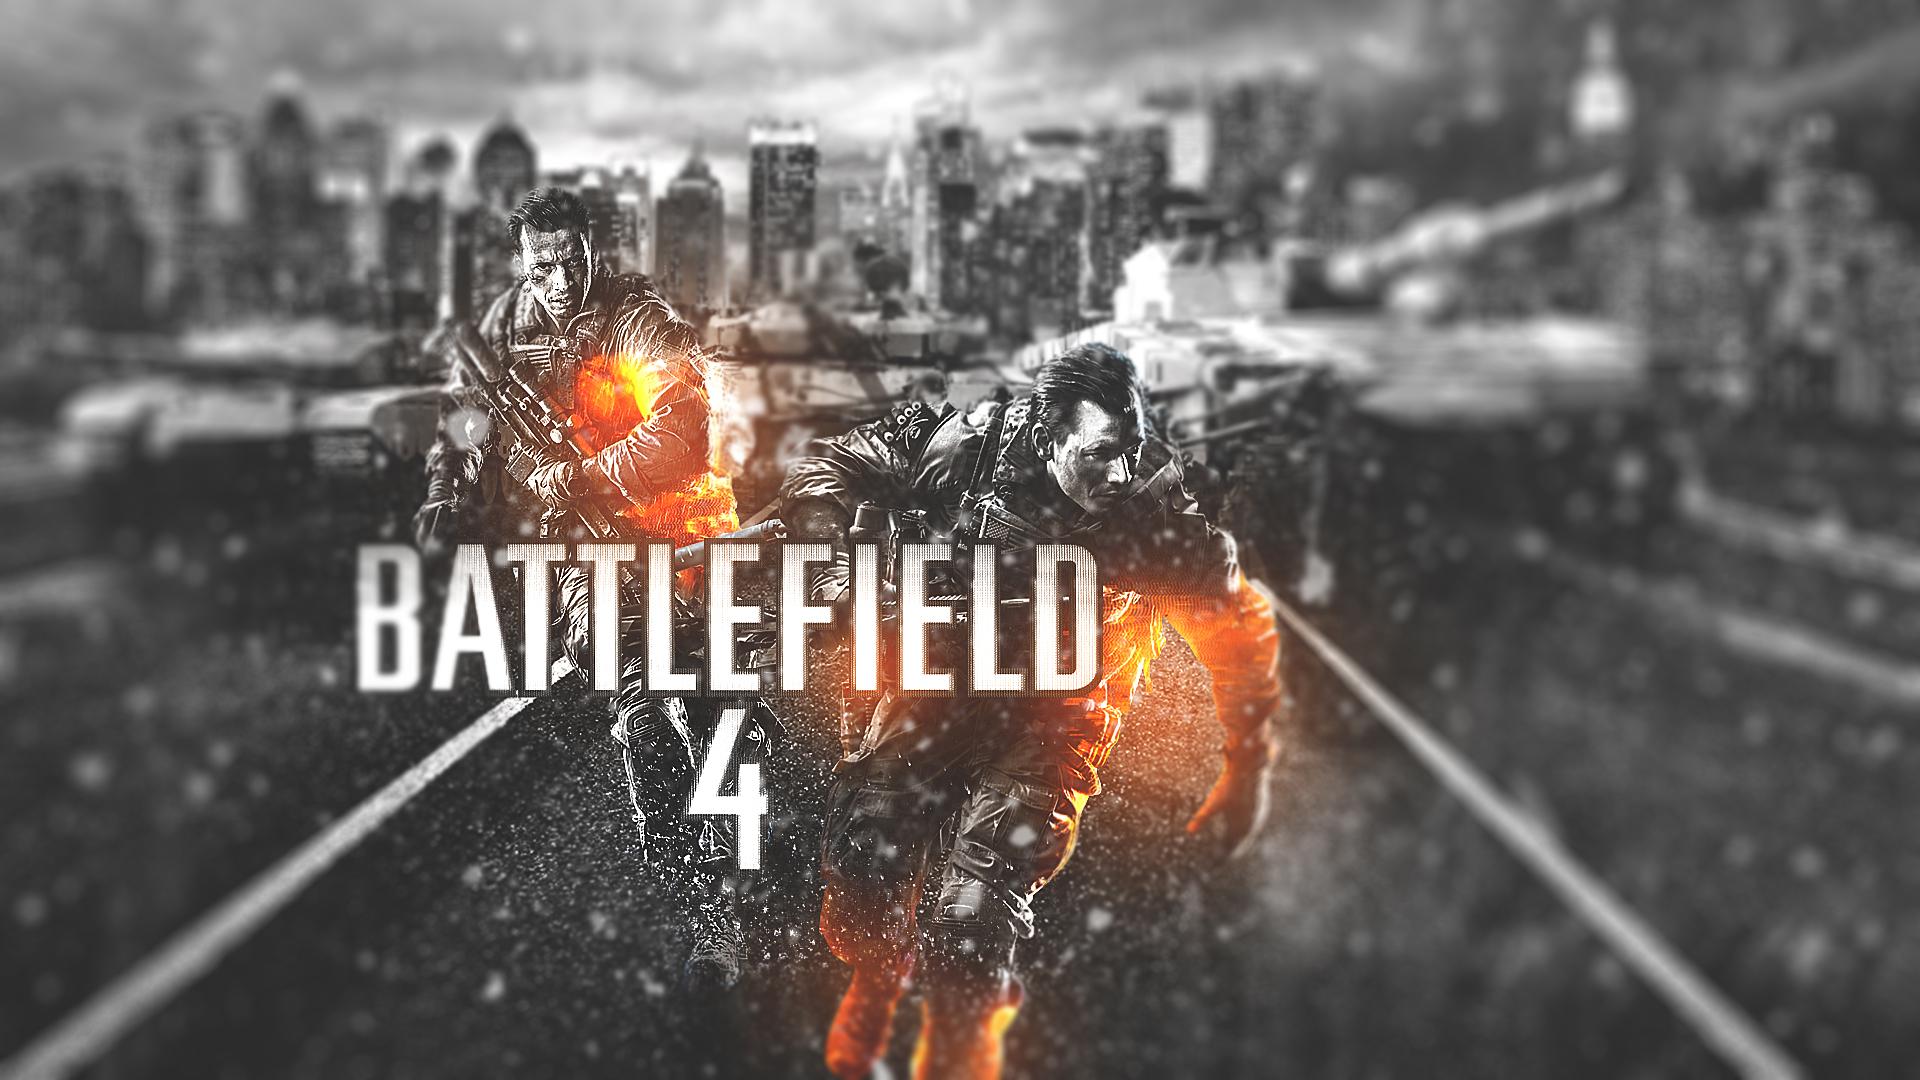 Battlefield 4 Wallpaper 7303 1920x1080 px ~ HDWallSource.com